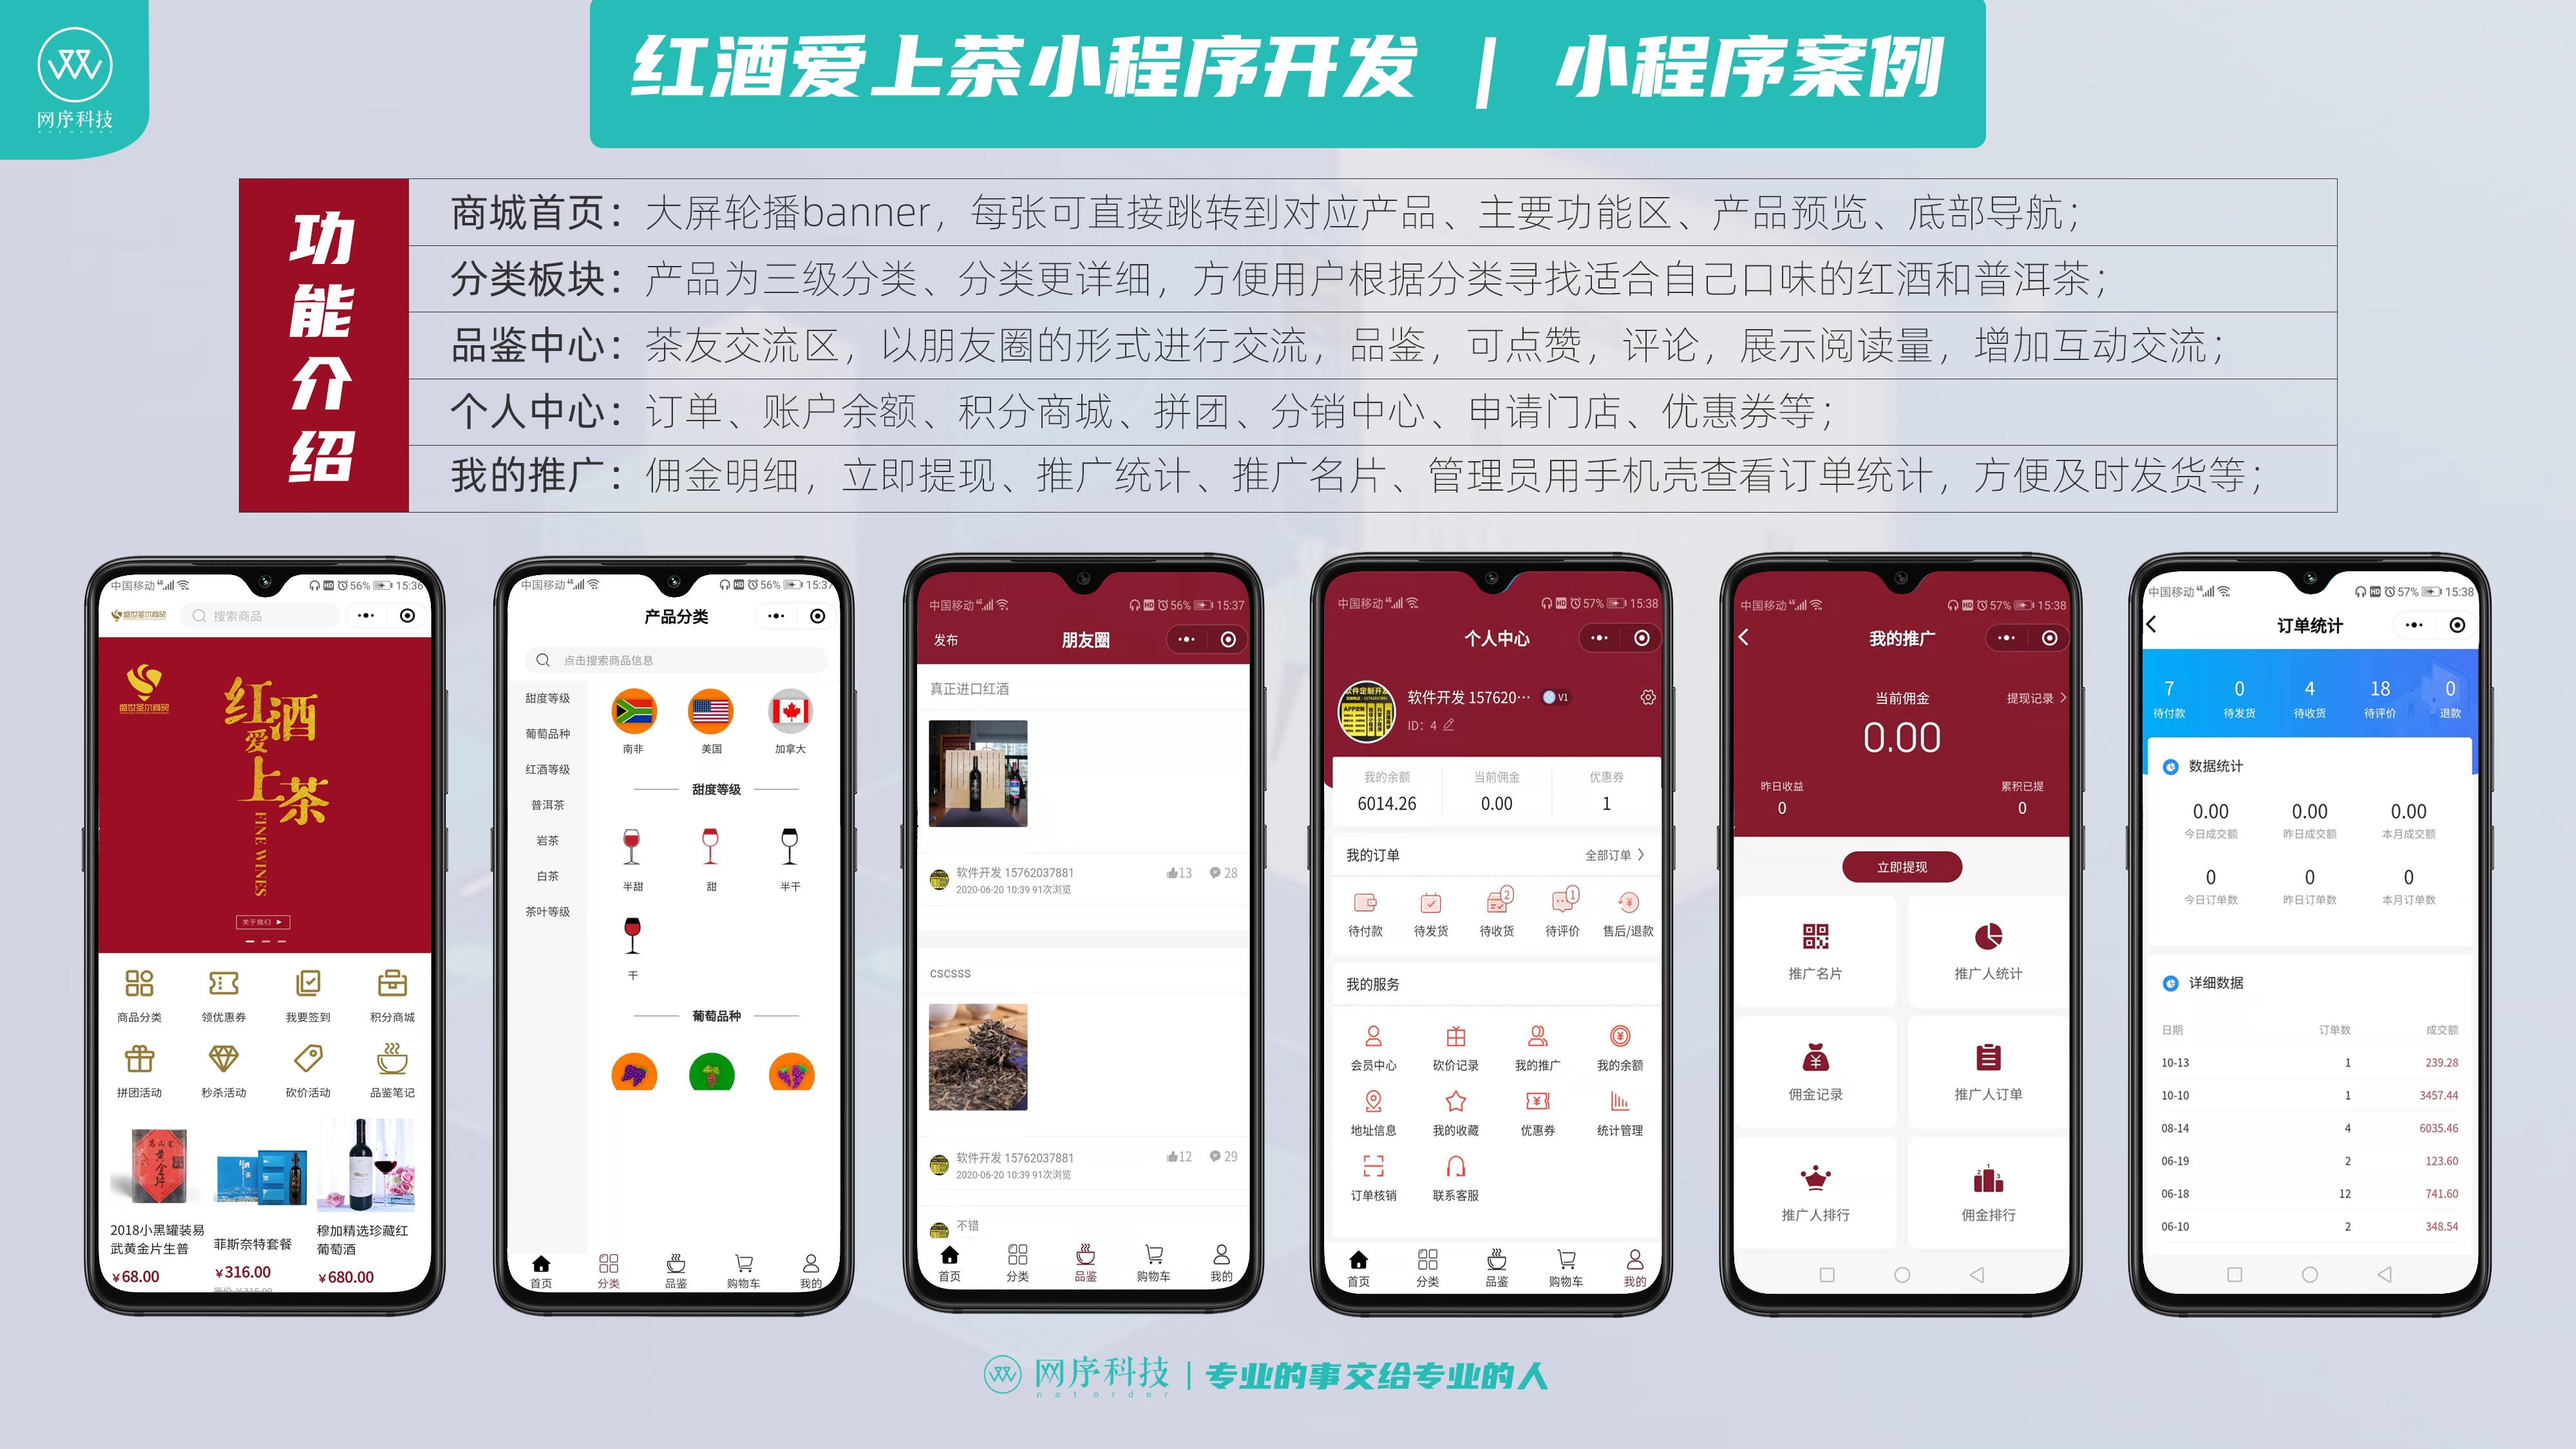 开元集团-红酒爱上茶 | 网序科技